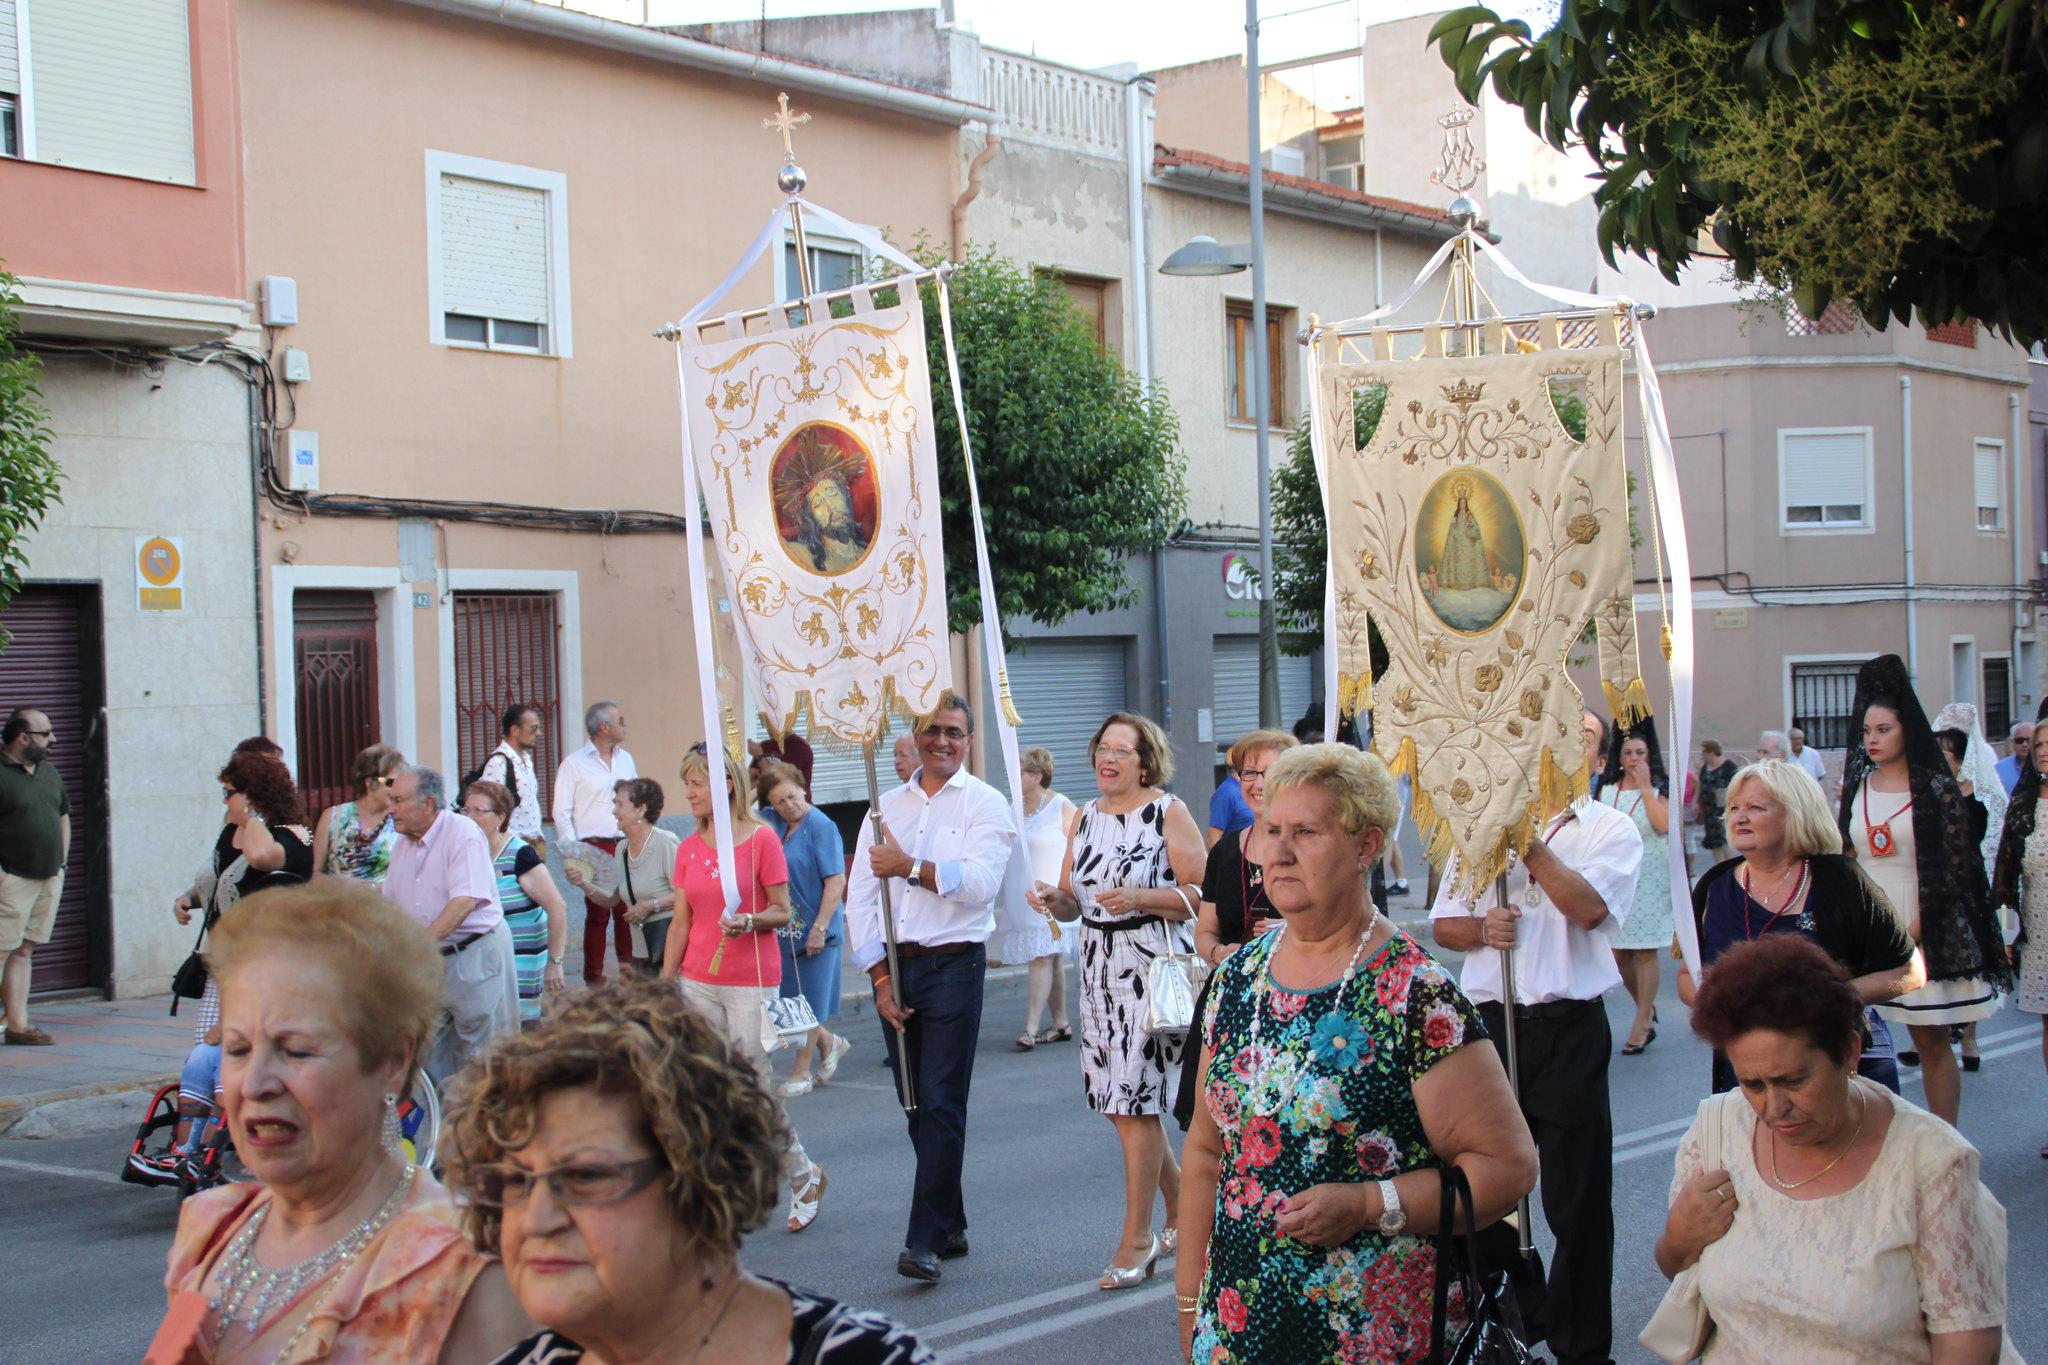 (2015-07-12) - Virgen del Carmen, parroquia La Santa Cruz - Javier Romero Ripoll (19)